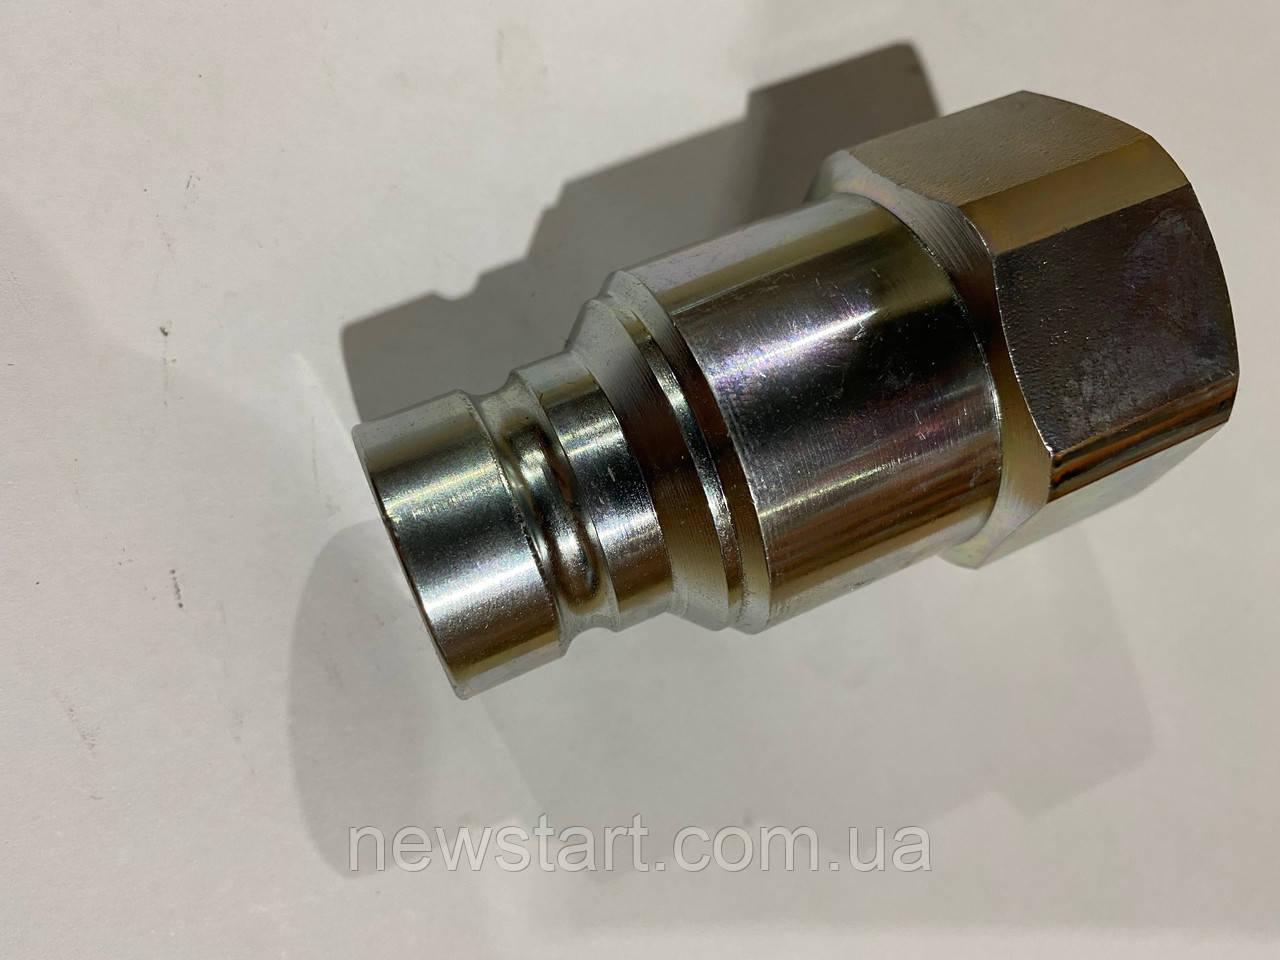 Быстроразъемное соединения ниппель (БРС) c плоским торцом ISO16028